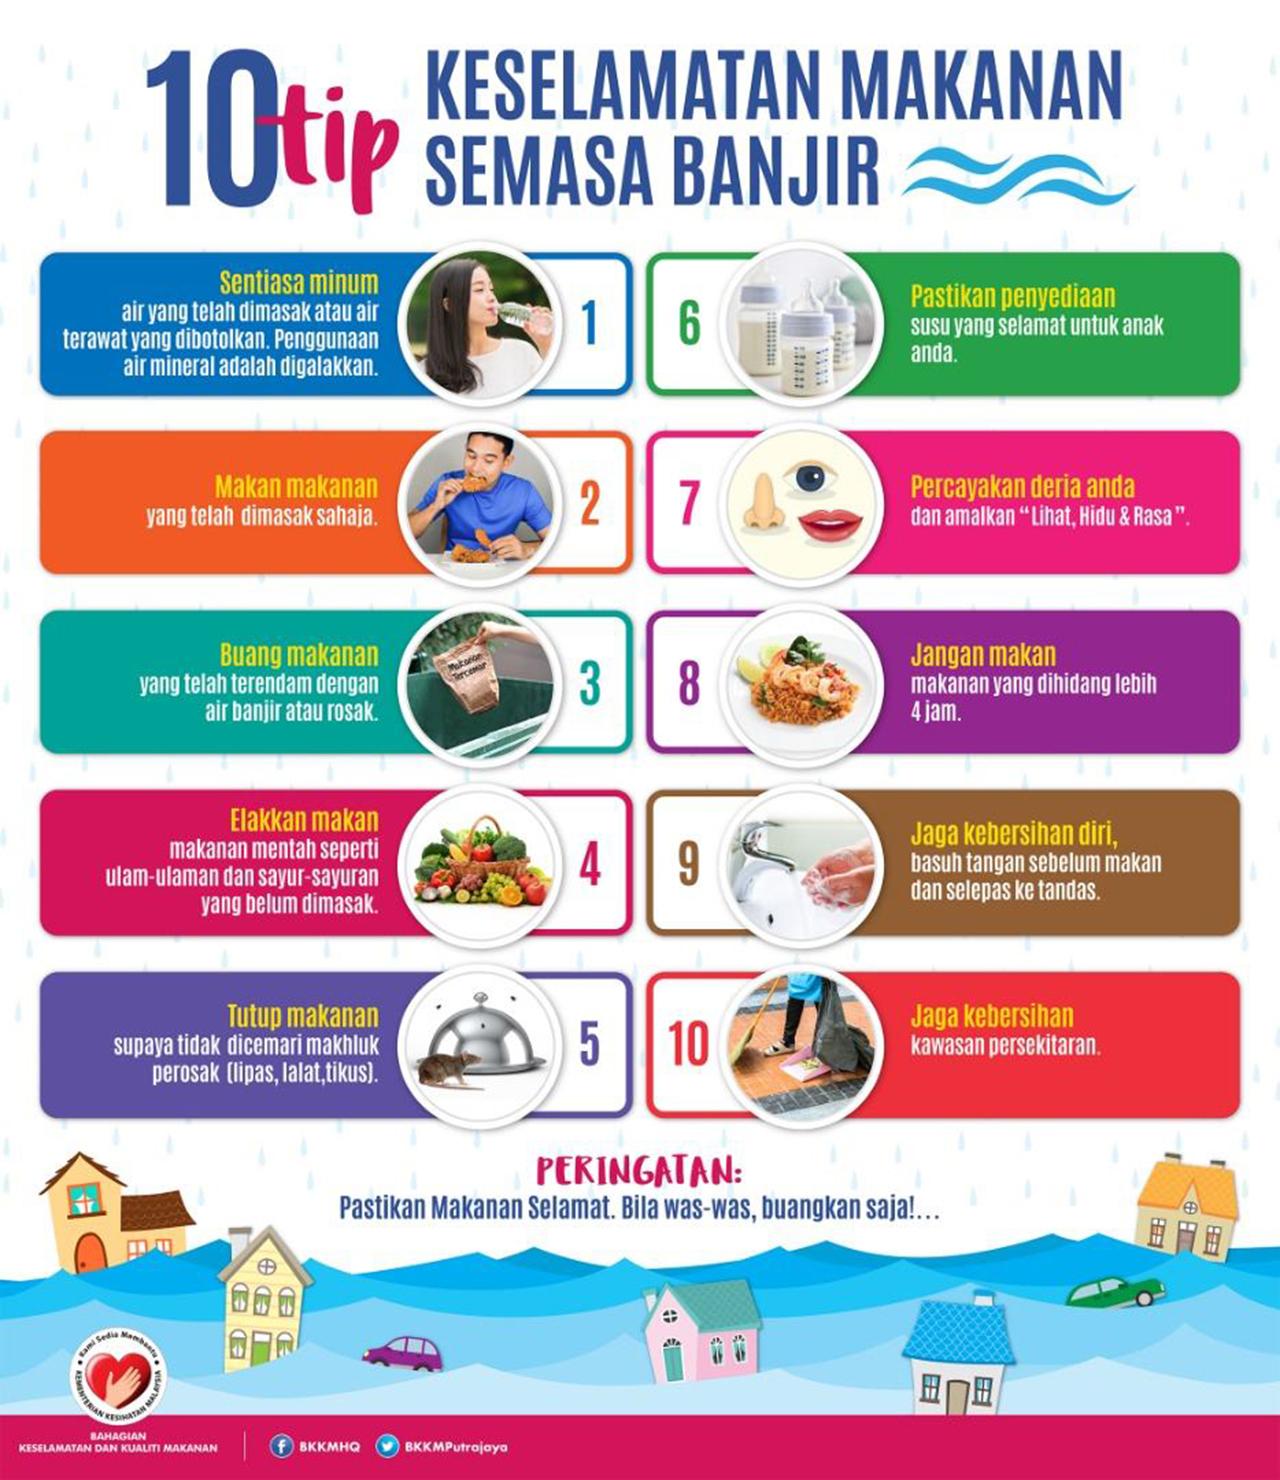 10 Tip Keselamatan Makanan Semasa Banjir